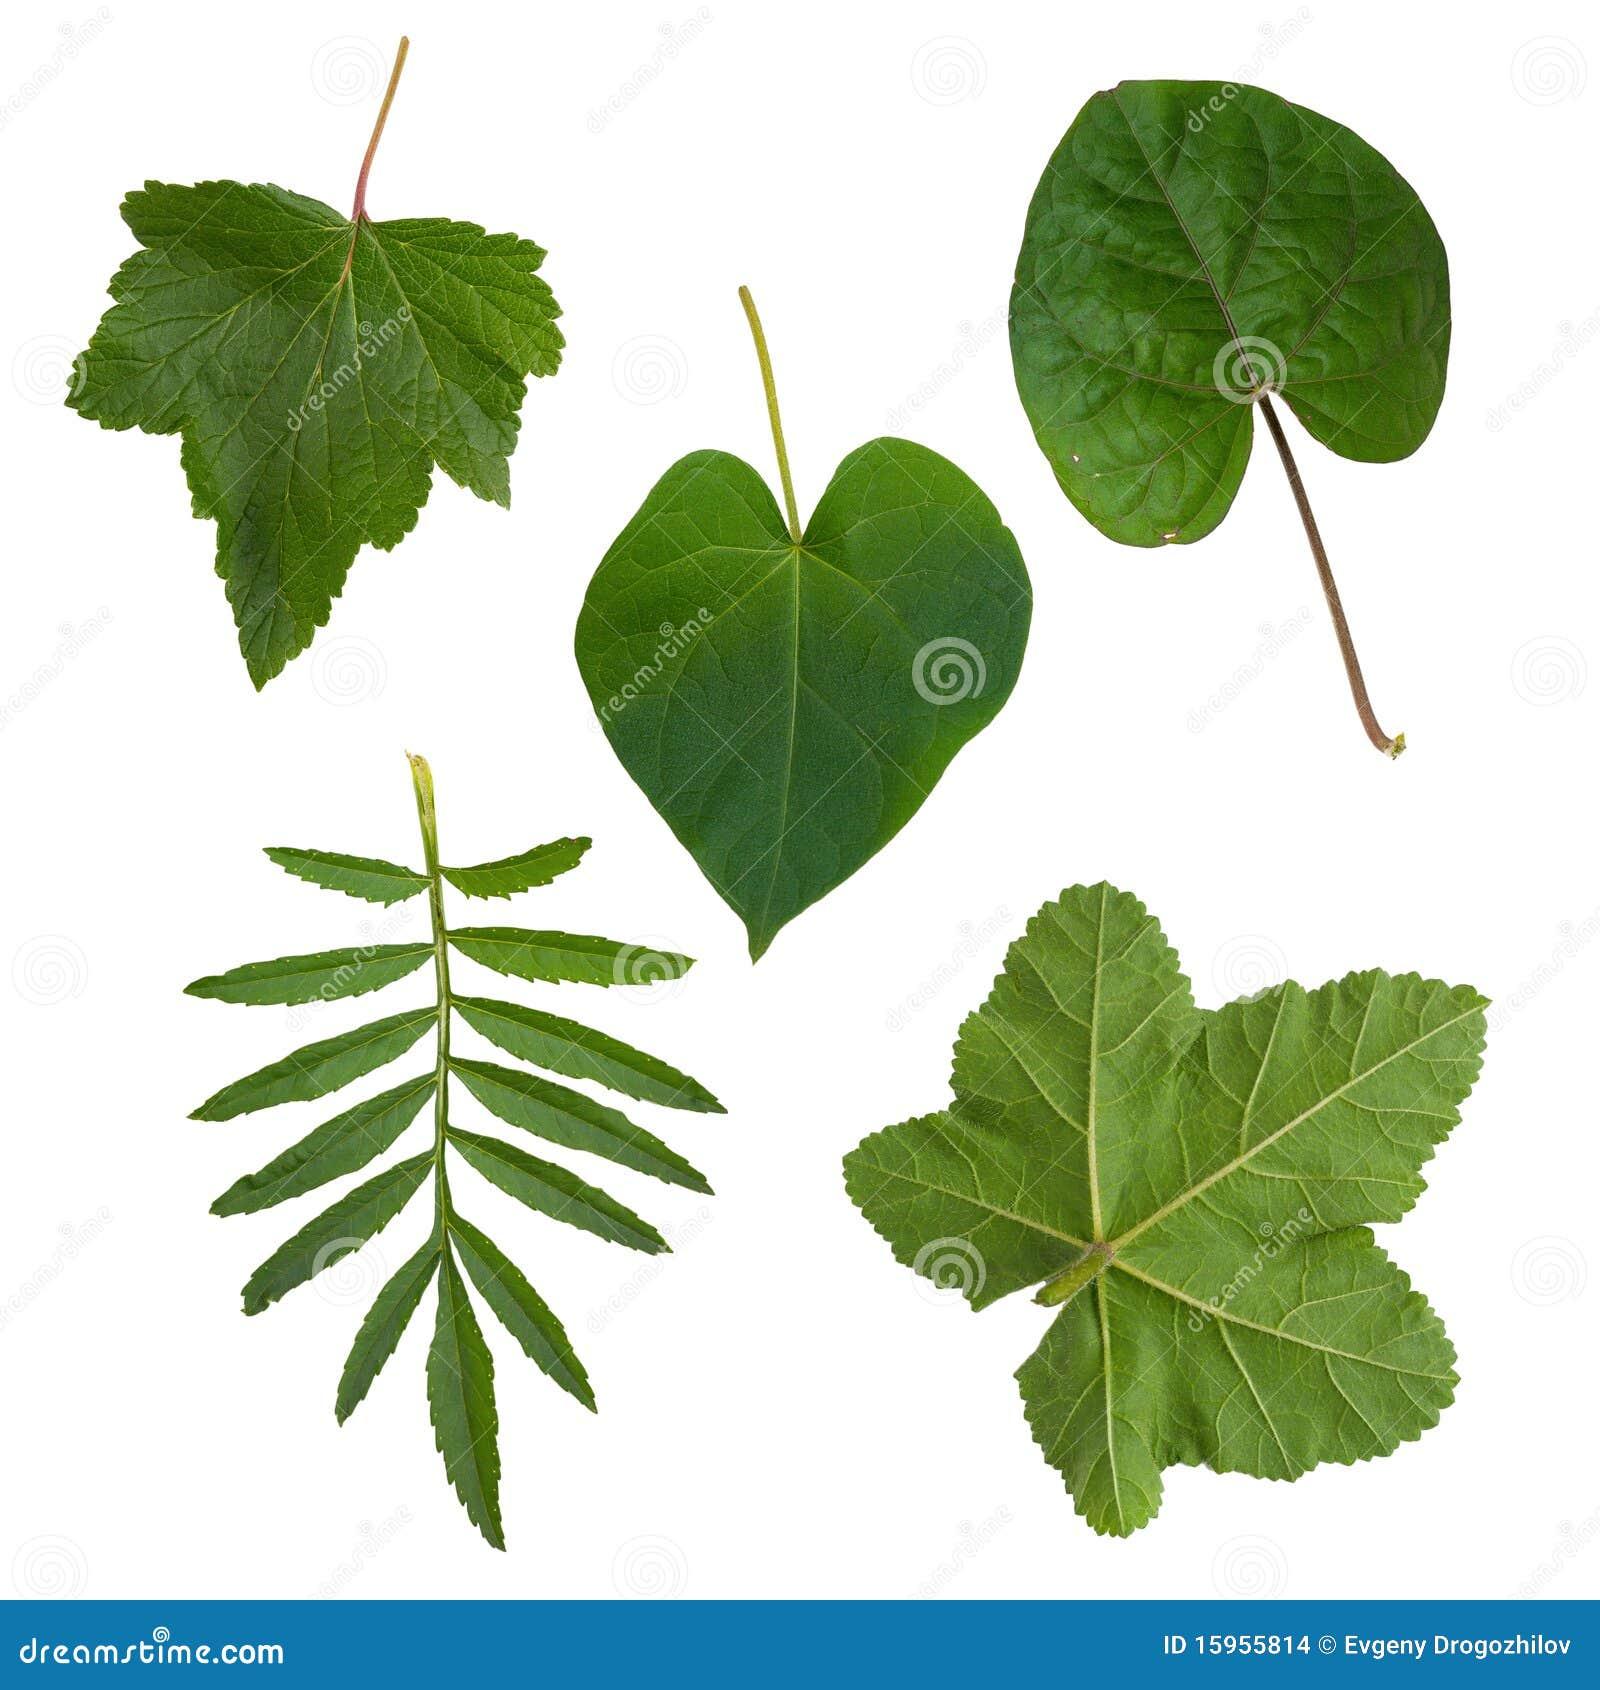 Groene bladeren van bomen en struiken stock afbeeldingen - Plantas de hojas verdes ...